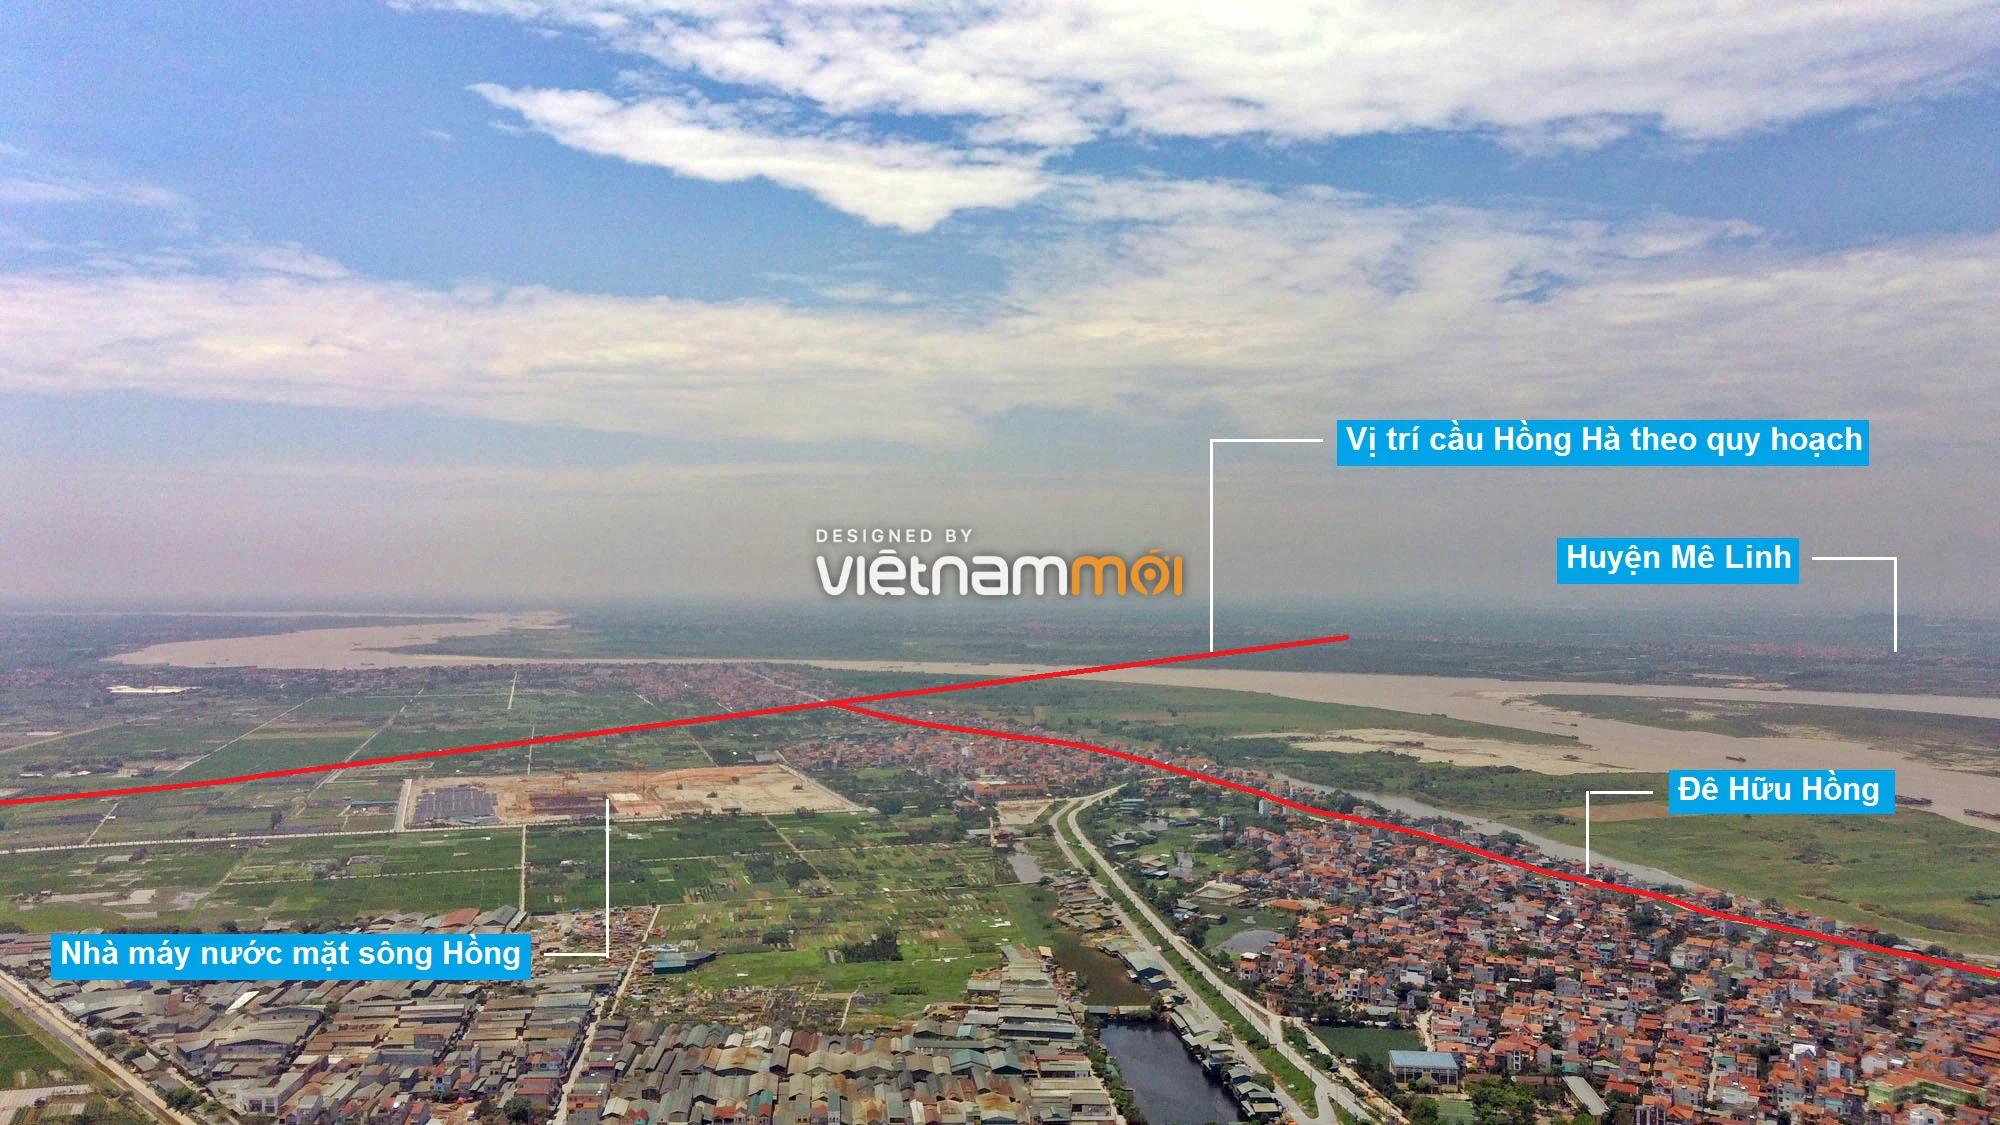 Toàn cảnh phân khu đô thị sông Hồng thuộc địa bàn huyện Đan Phượng - Ảnh 2.